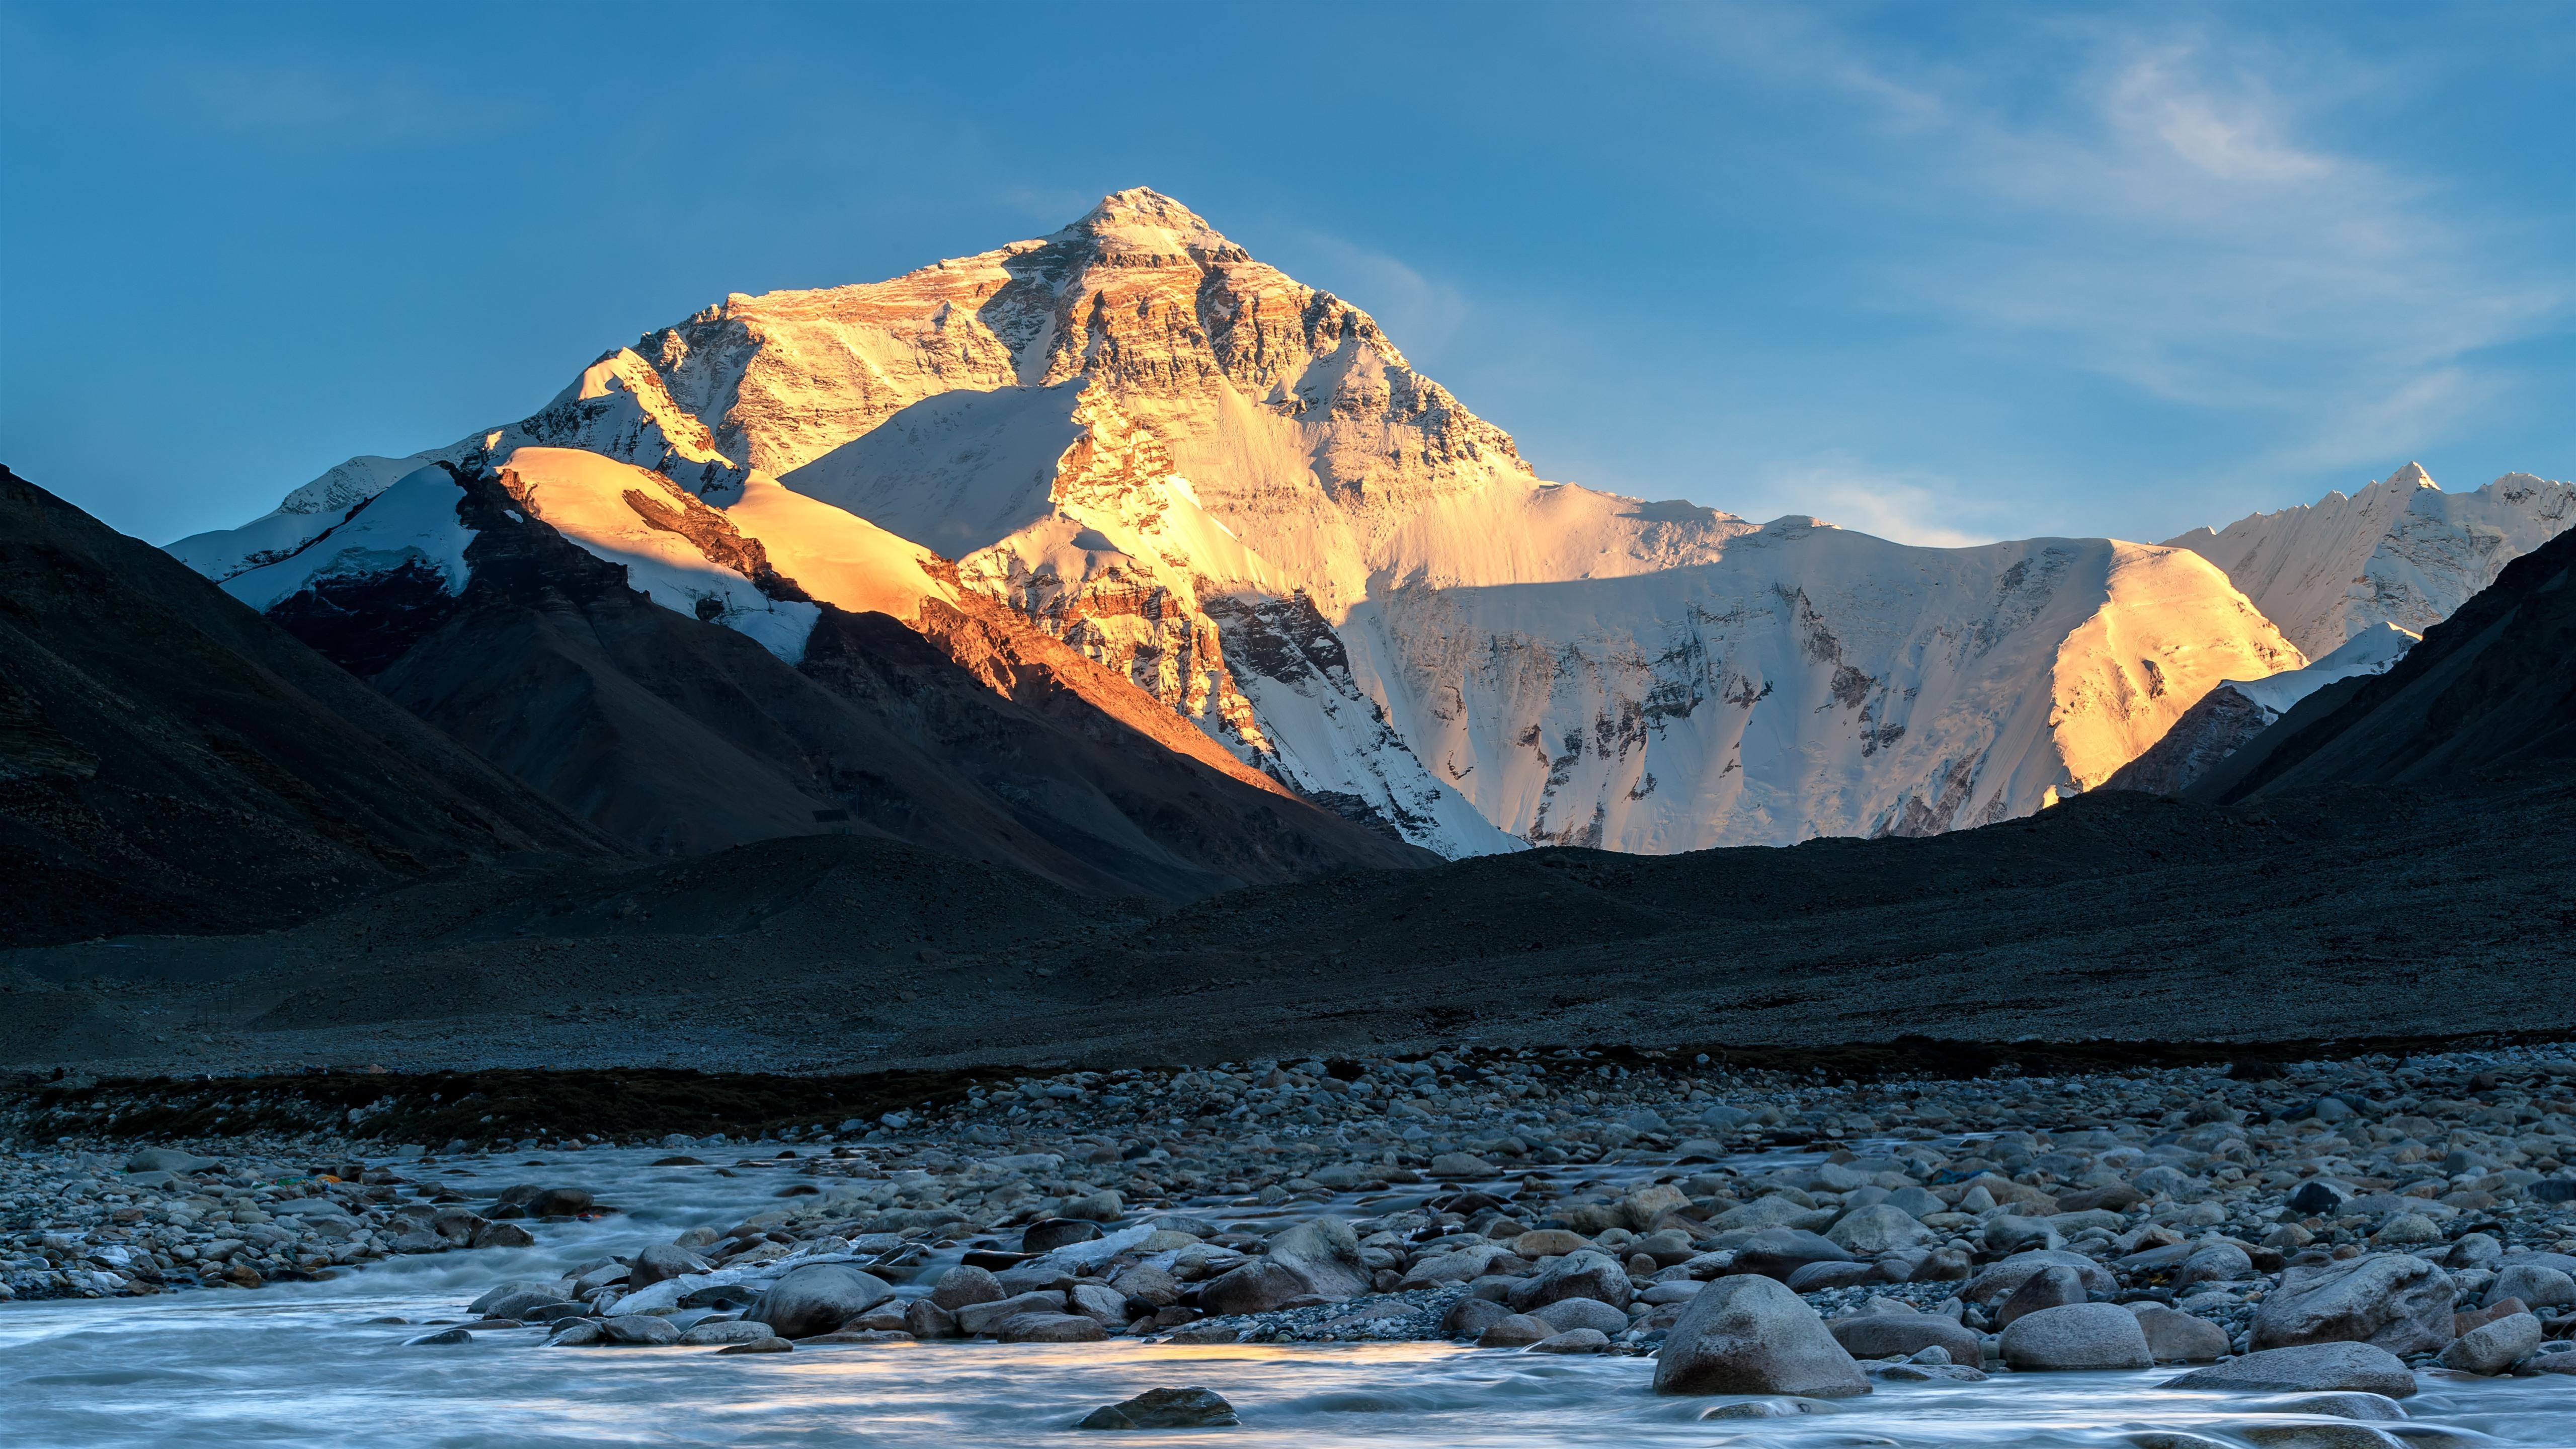 Fonds D écran Montagnes Couvertes De Neige Pierres